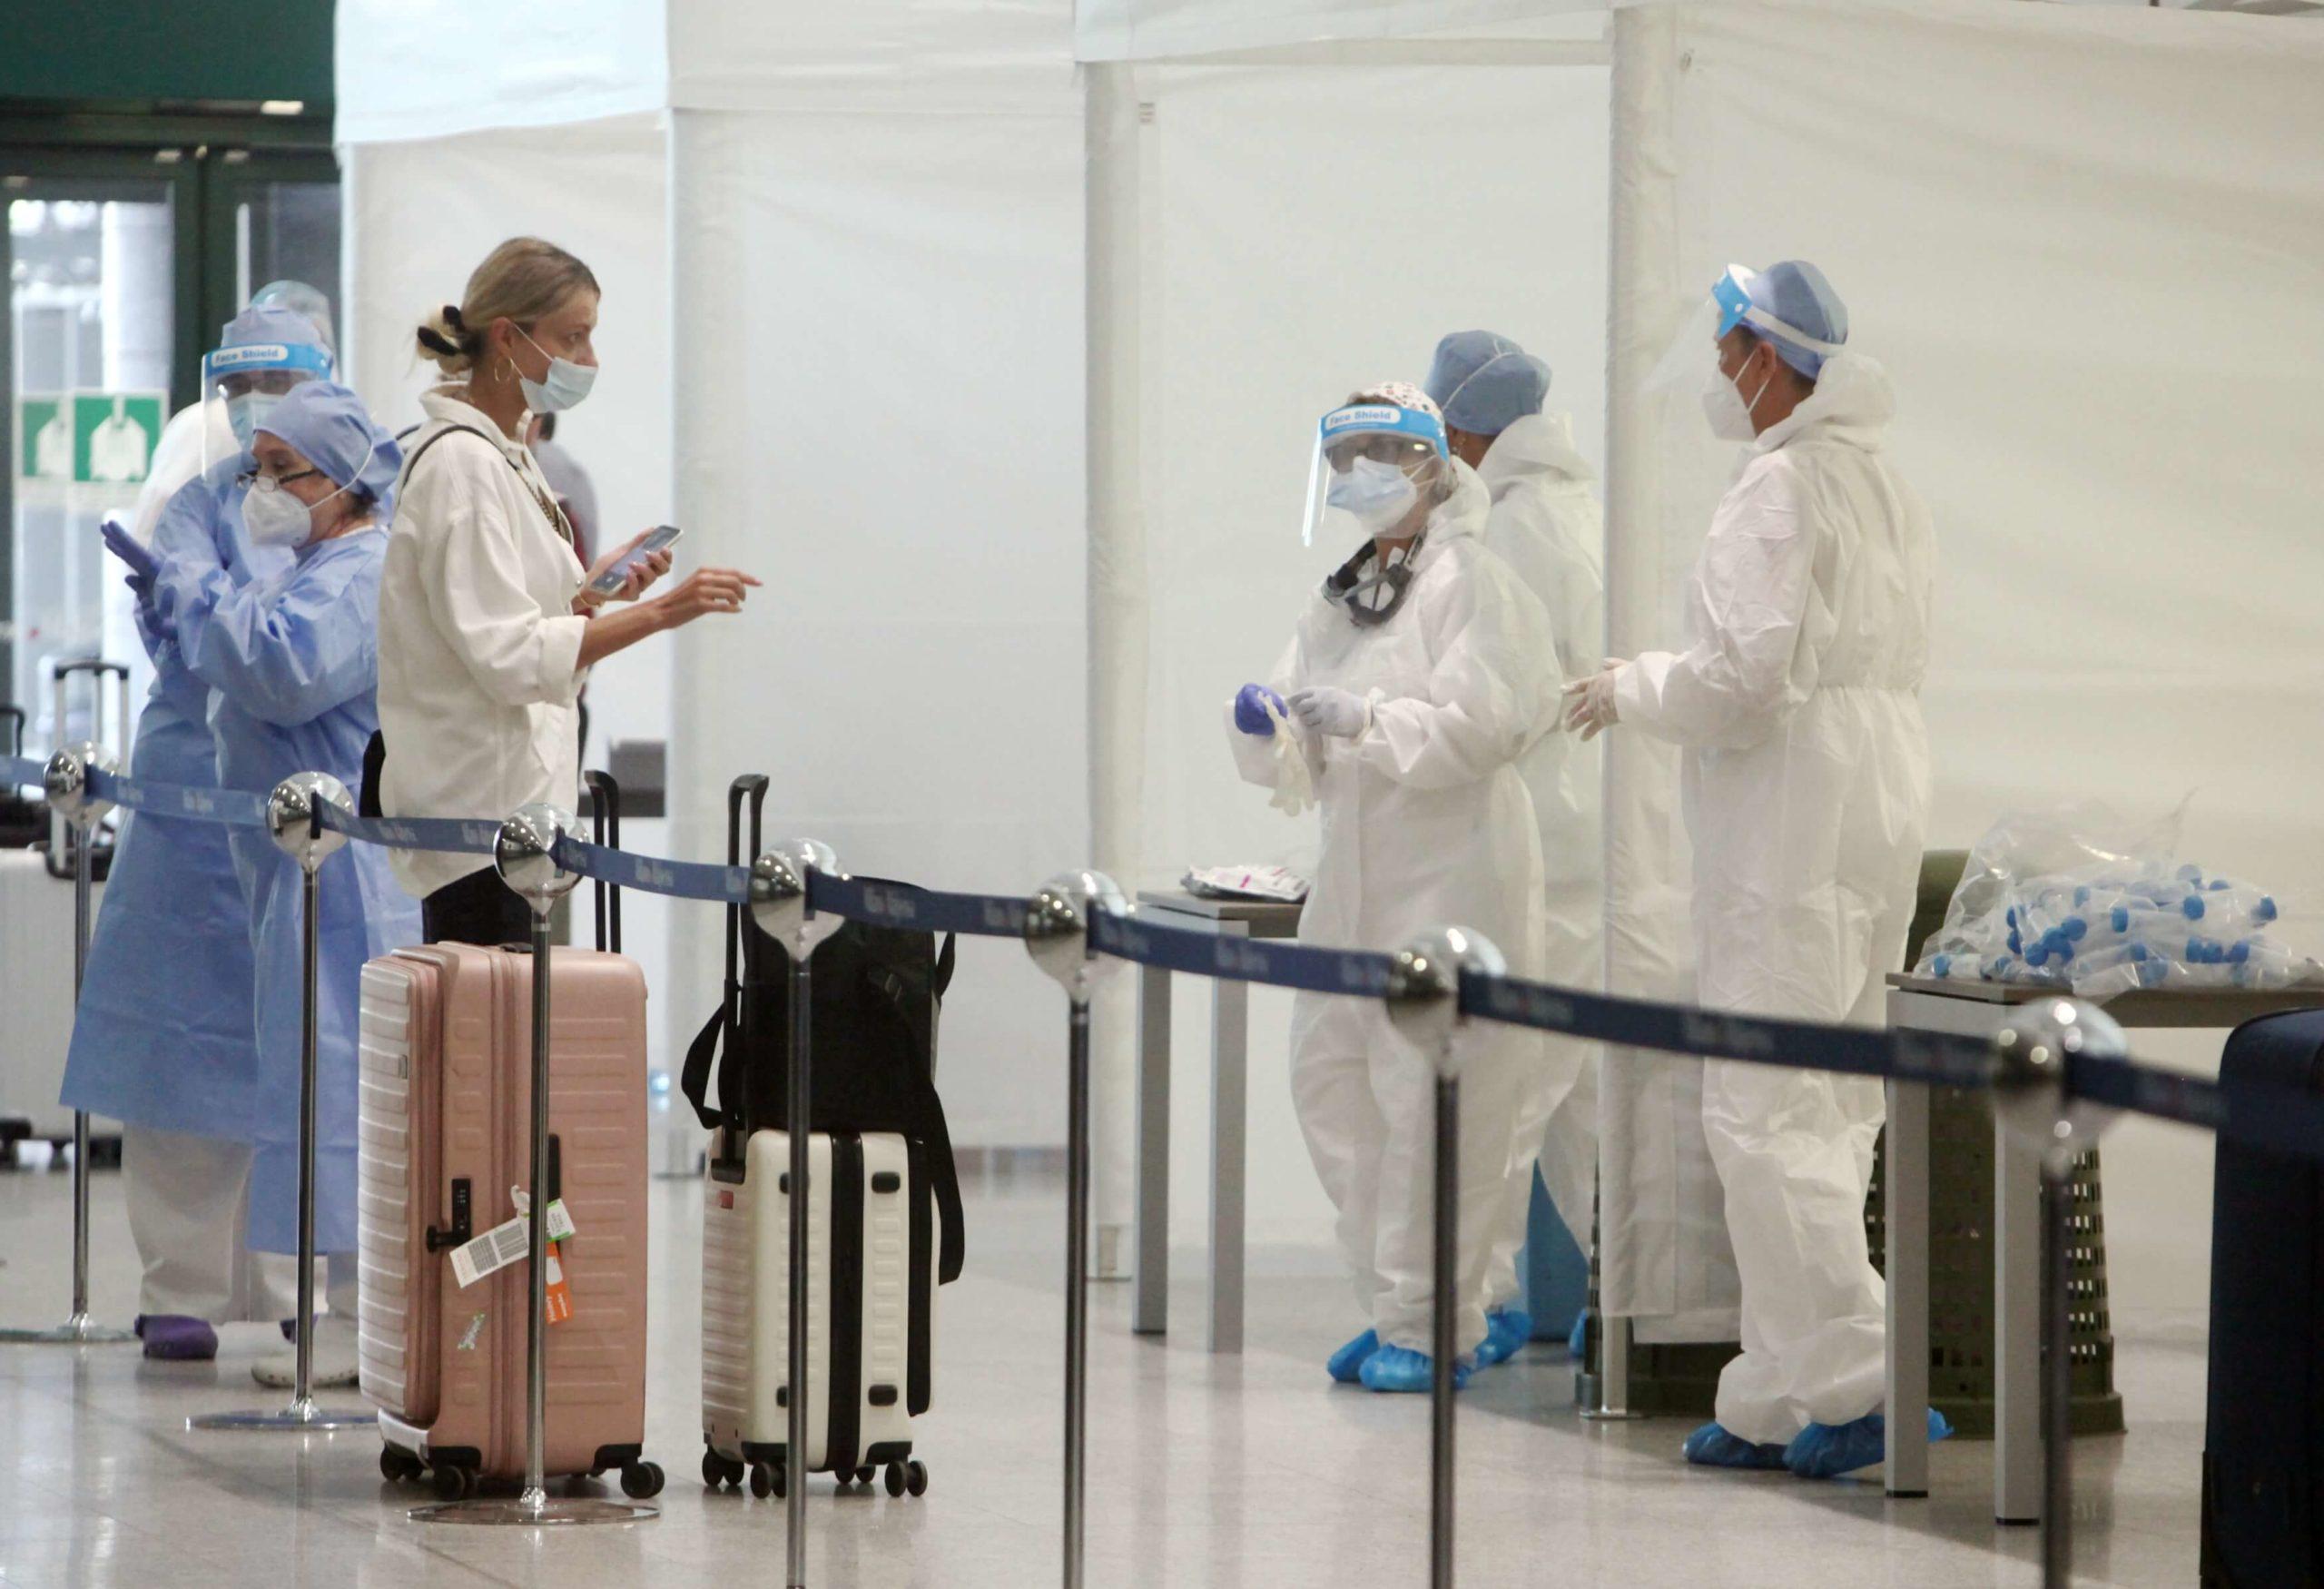 Prorogate le restrizioni in Italia per i viaggiatori esteri: firmata nuova ordinanza